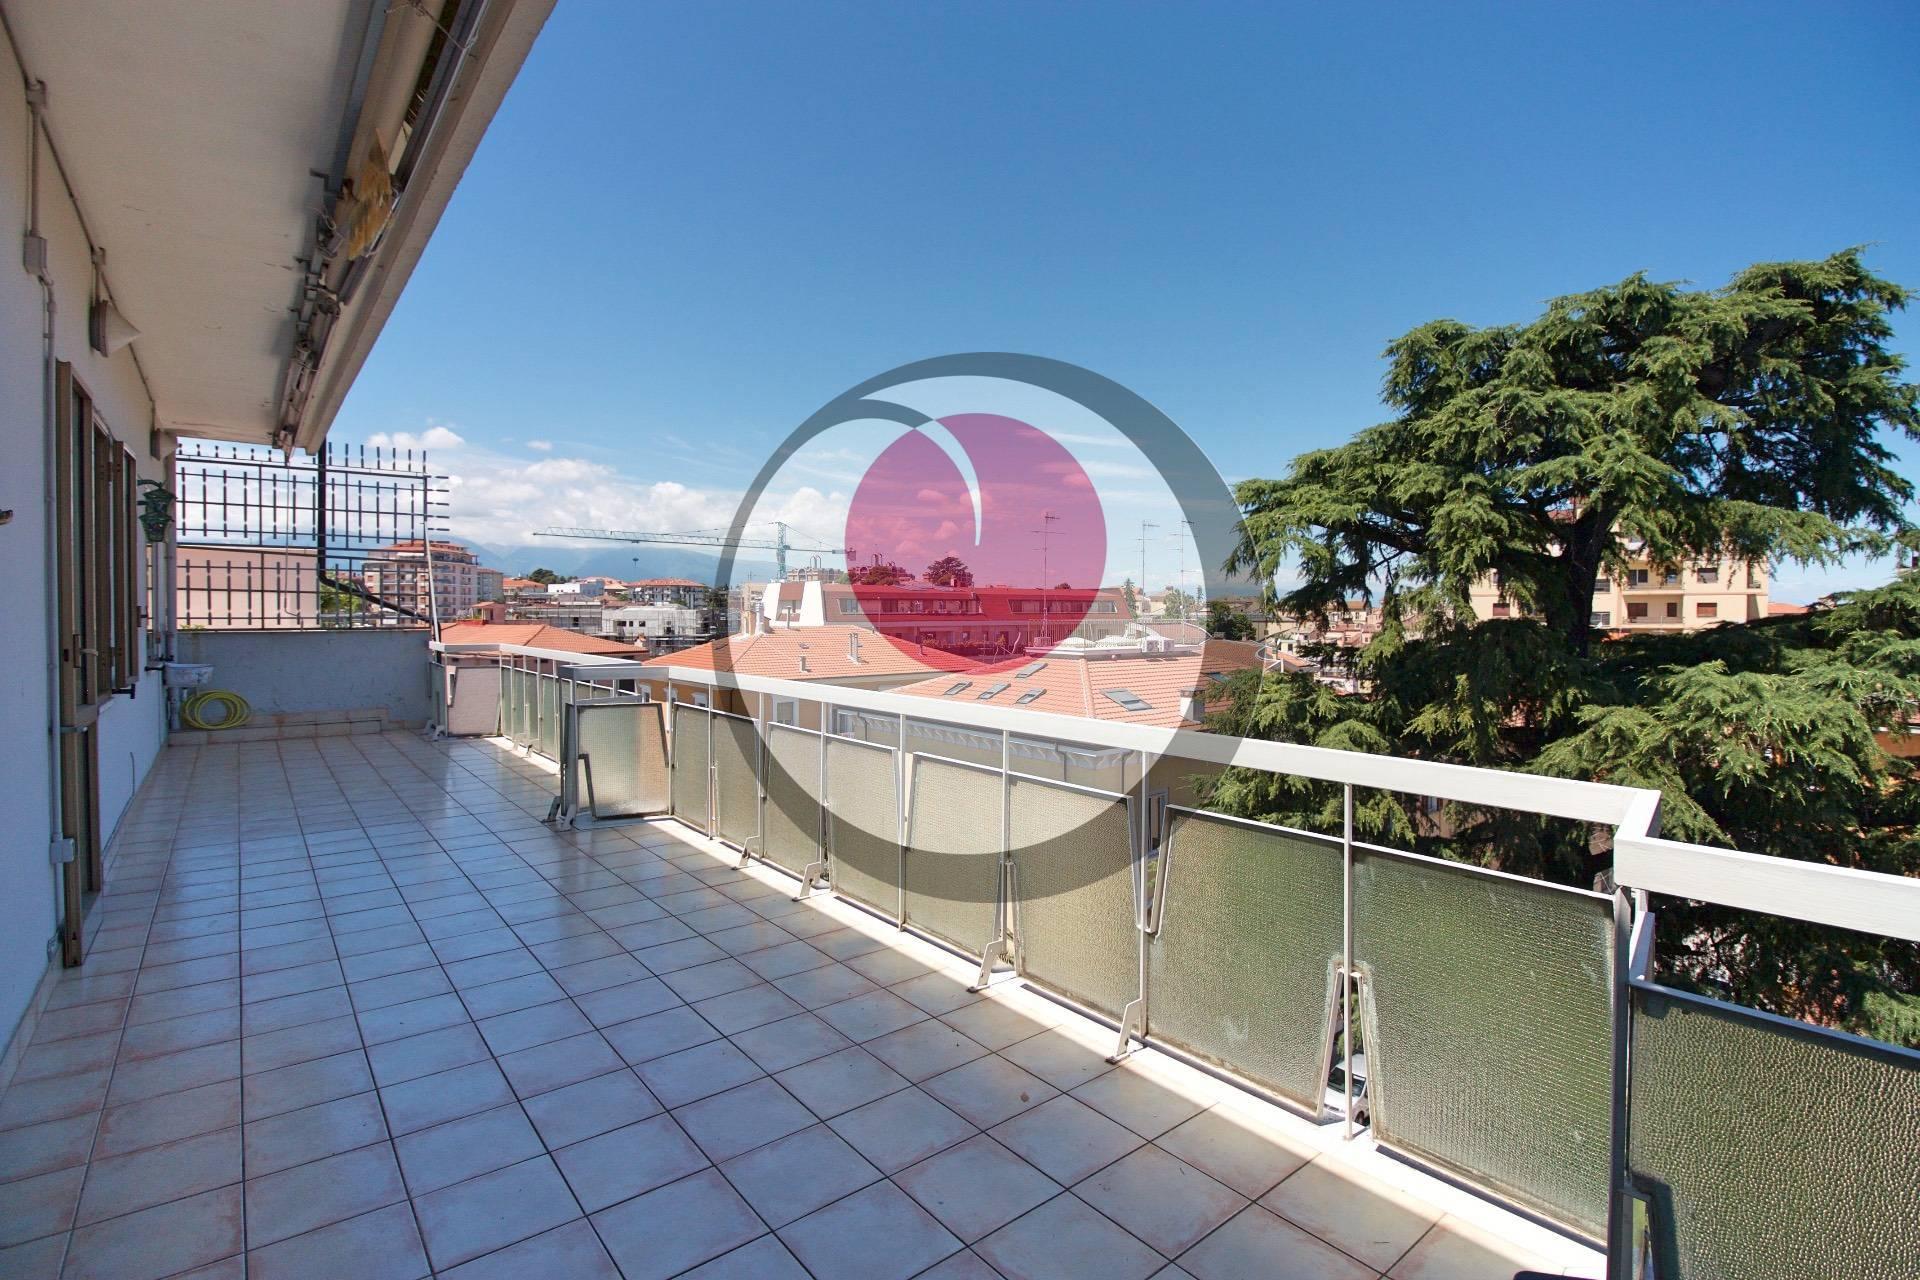 Appartamento in vendita a Lanciano, 7 locali, prezzo € 255.000 | PortaleAgenzieImmobiliari.it